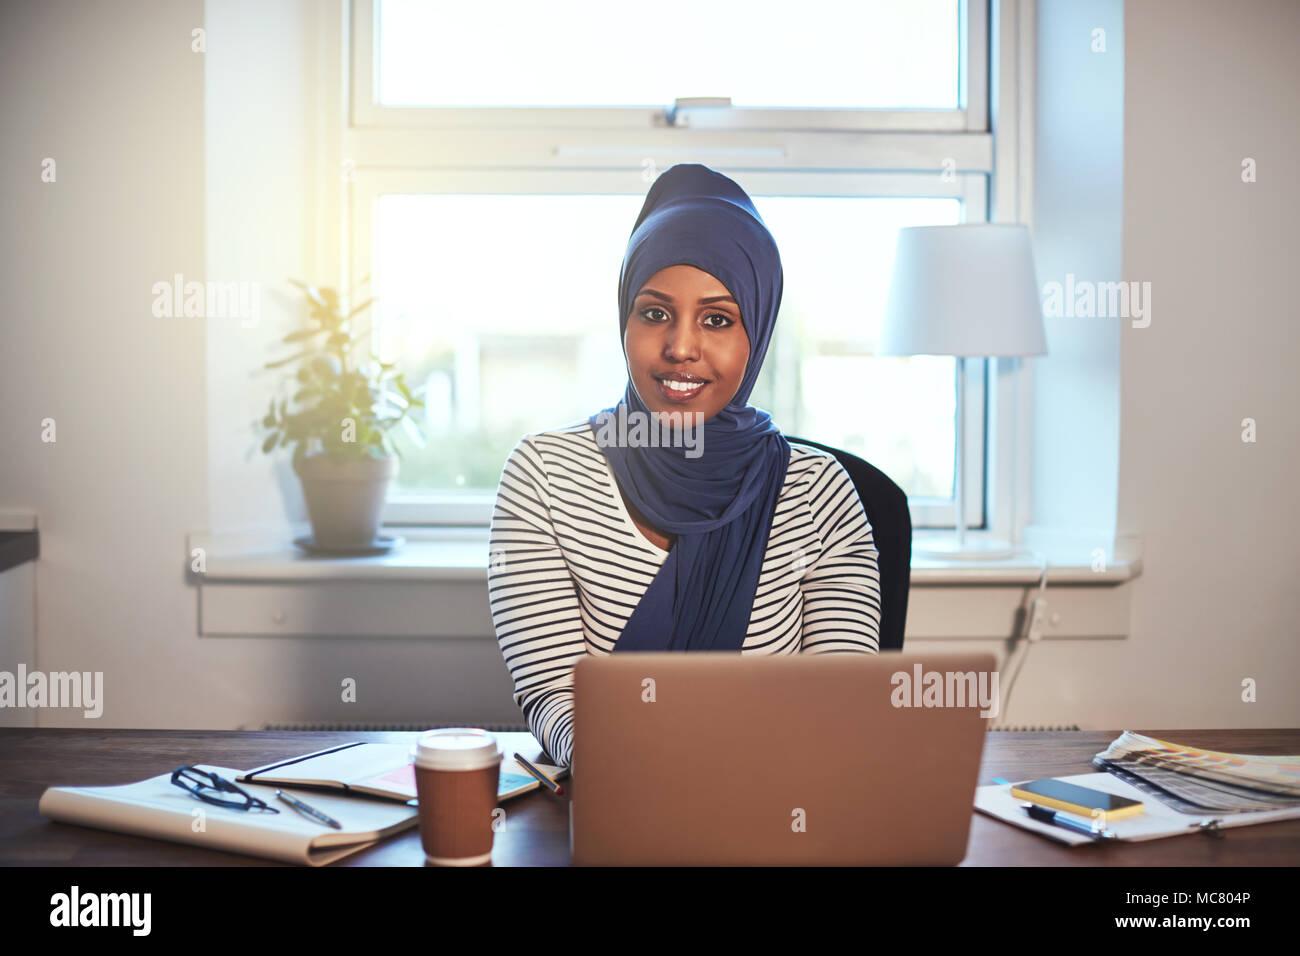 Jeune femme entrepreneur arabe portant un hijab avec confiance